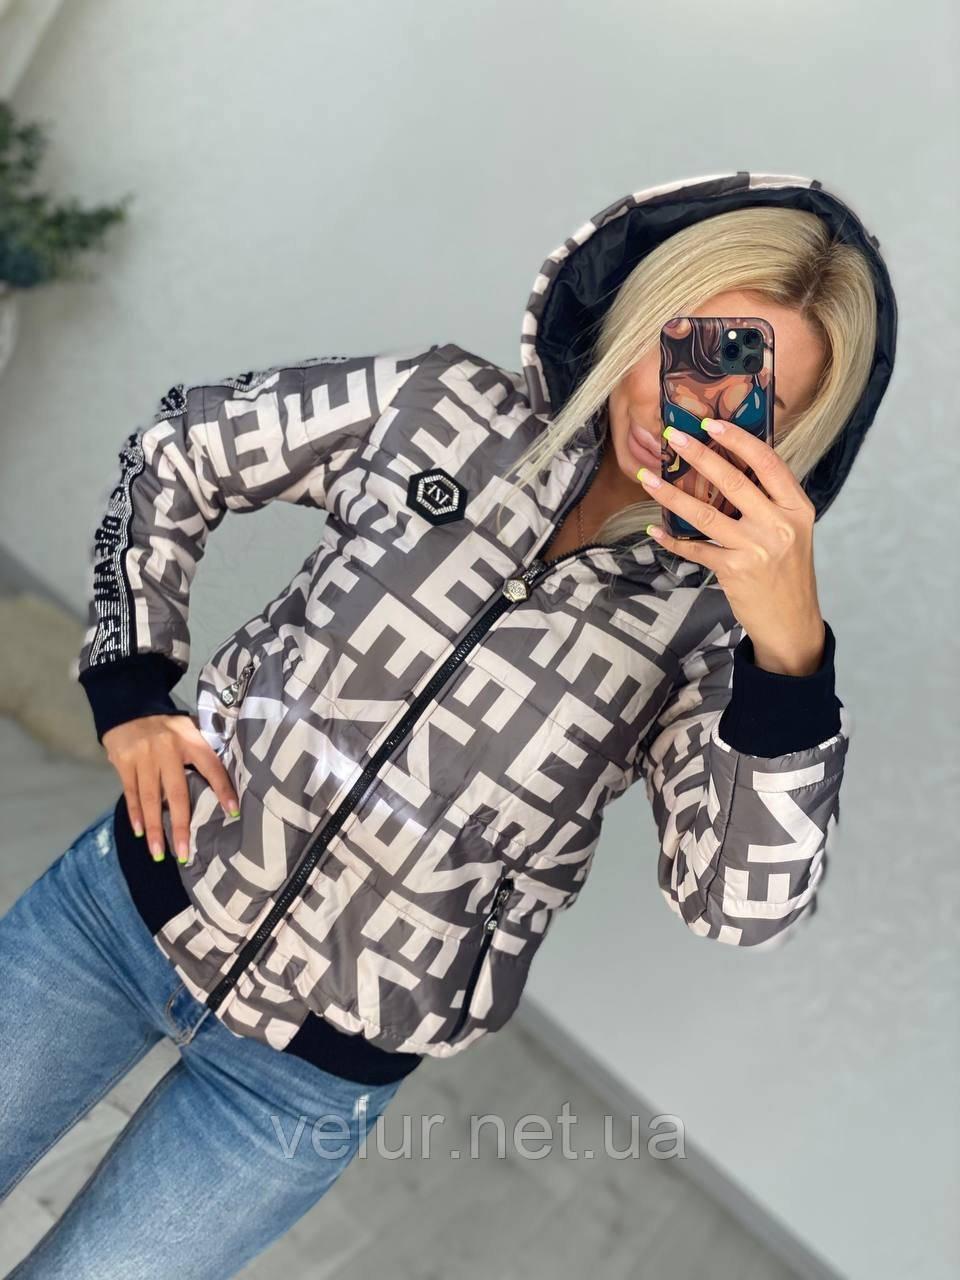 Жіноча стильна брендовий куртка з капюшоном,3 кольори, розміри: 38,40,42,44 євро, 4 кольори.